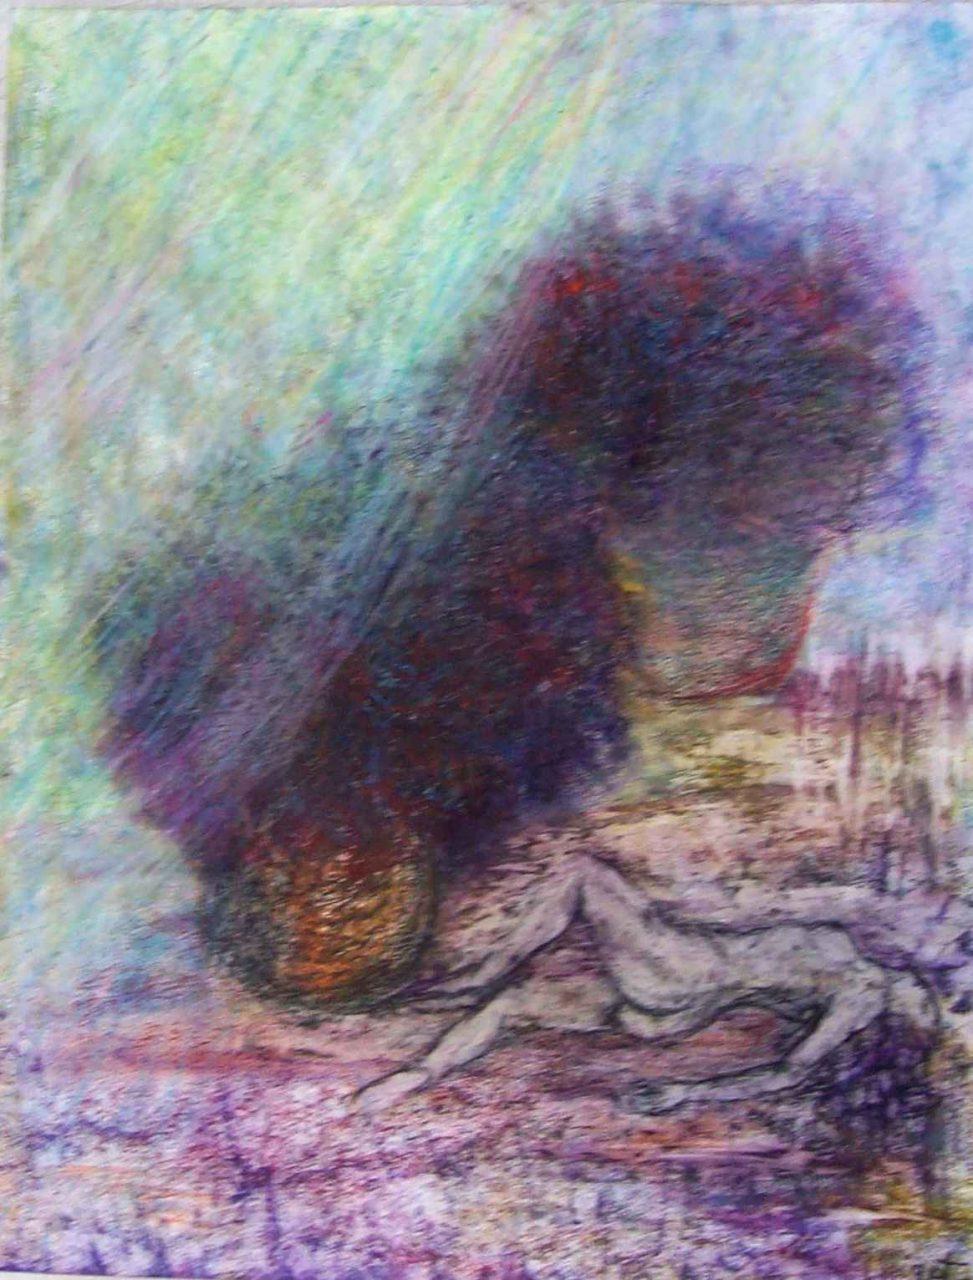 Rêveuse au paradigme d'un monde névrosé / Dreamer of paradigm of a neurotic world par Vinca Migot